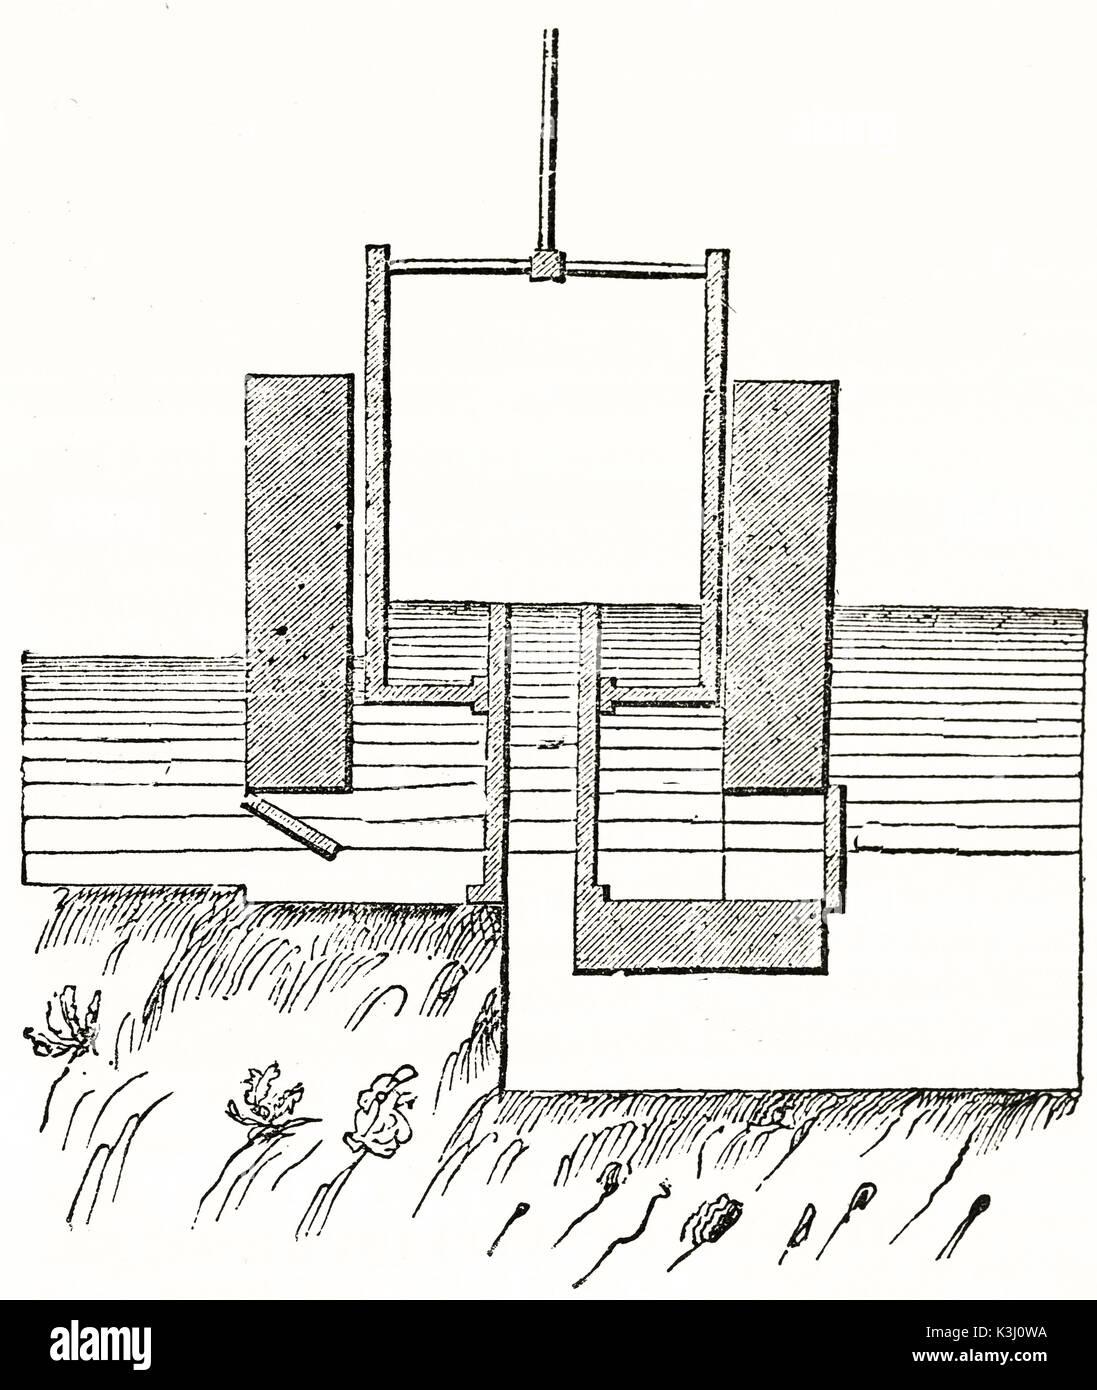 Alte schematische Darstellung von jappelli Maschine für die Sümpfe ...